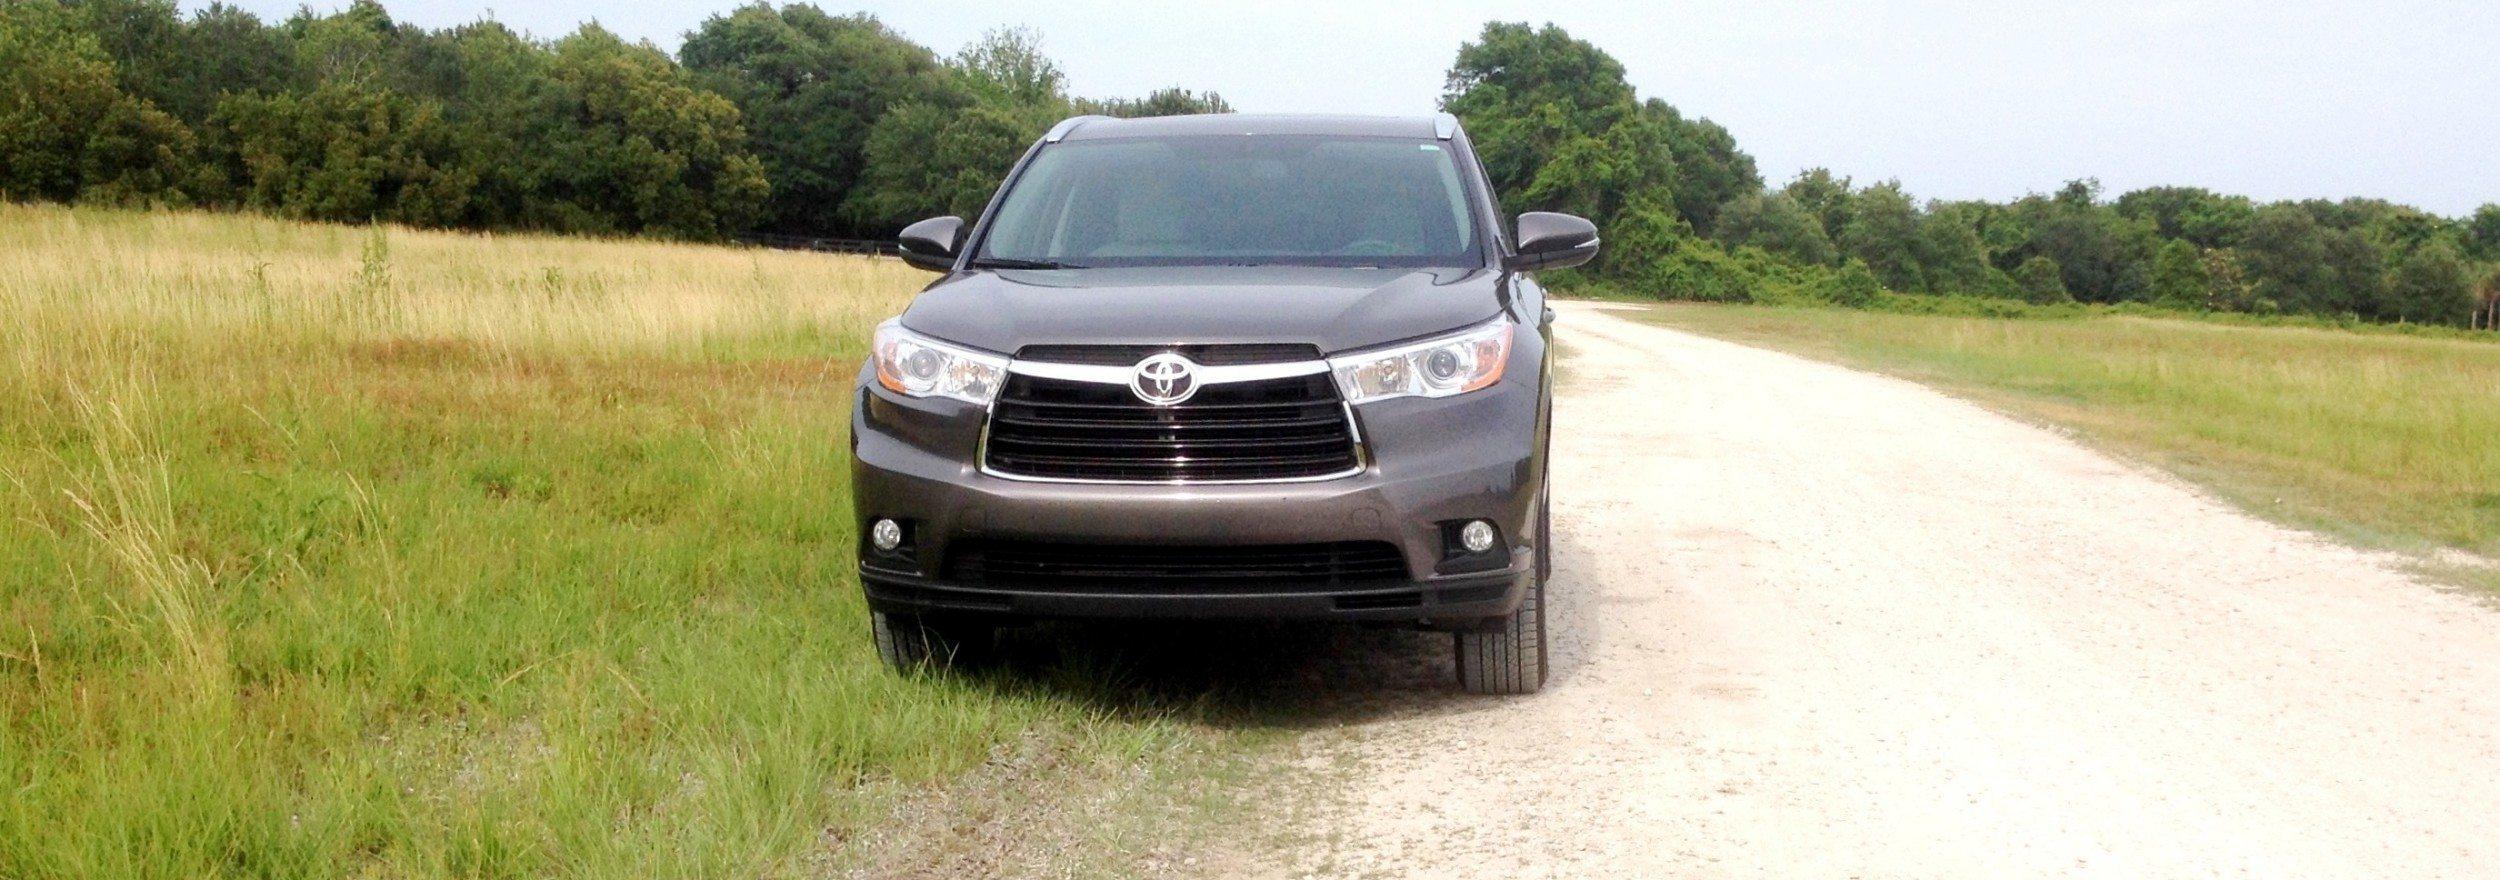 Car-Revs-Daily.com Best of Awards - 2014 Toyota Highlander XLE V6 5